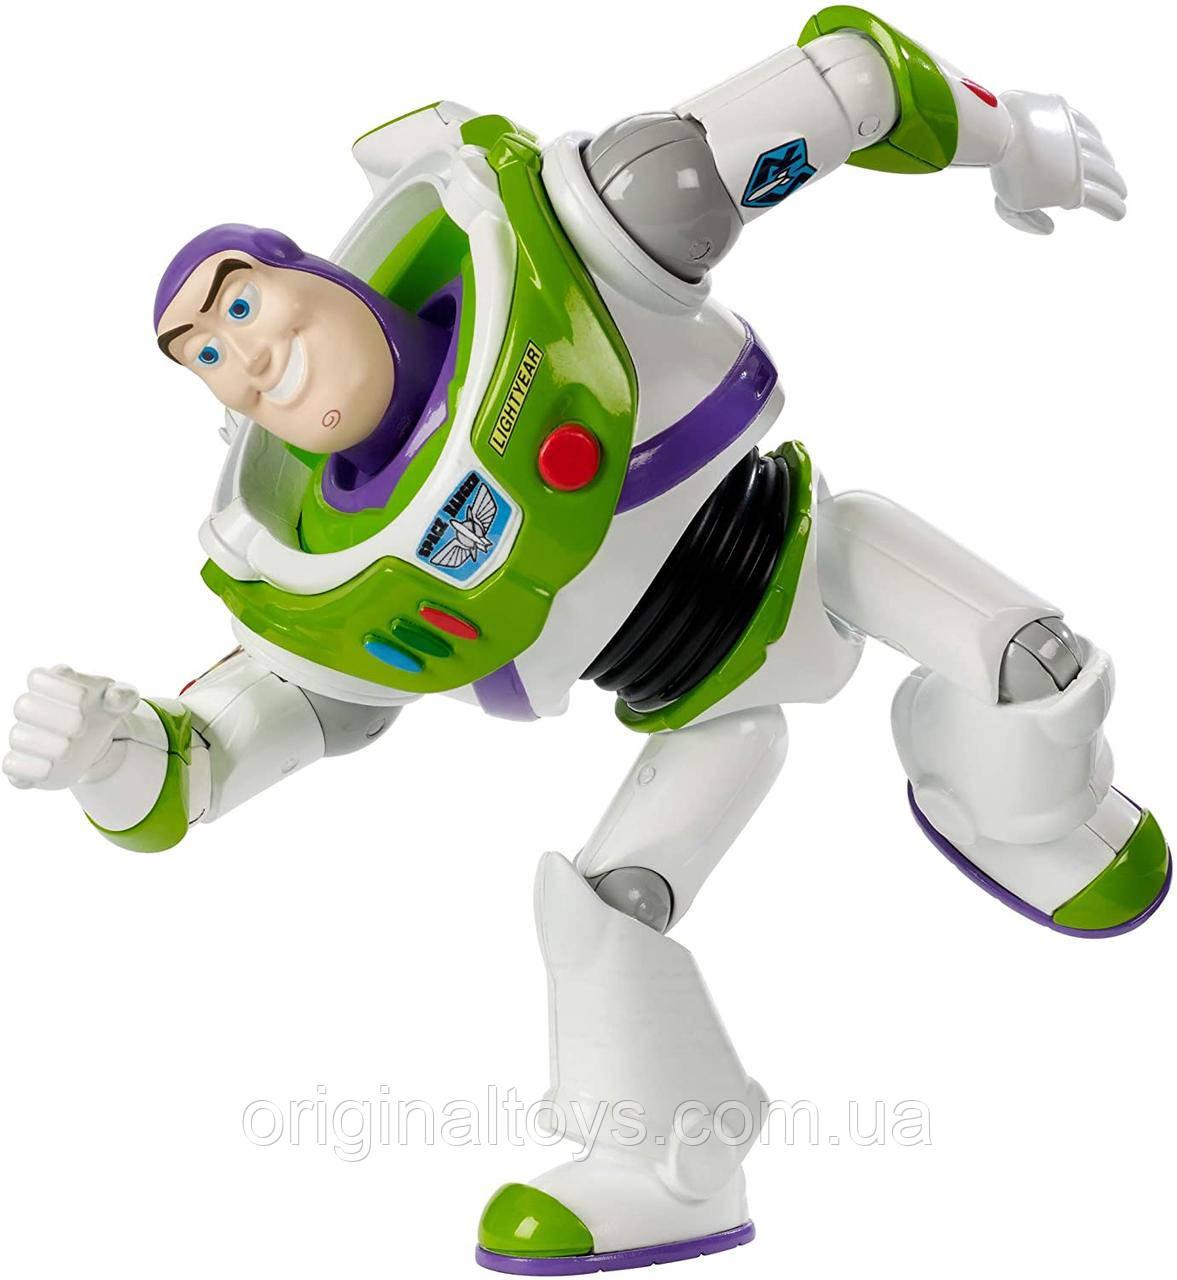 Фігурка Базз Лайтер Історія Іграшок Disney Pixar Toy Story Mattel